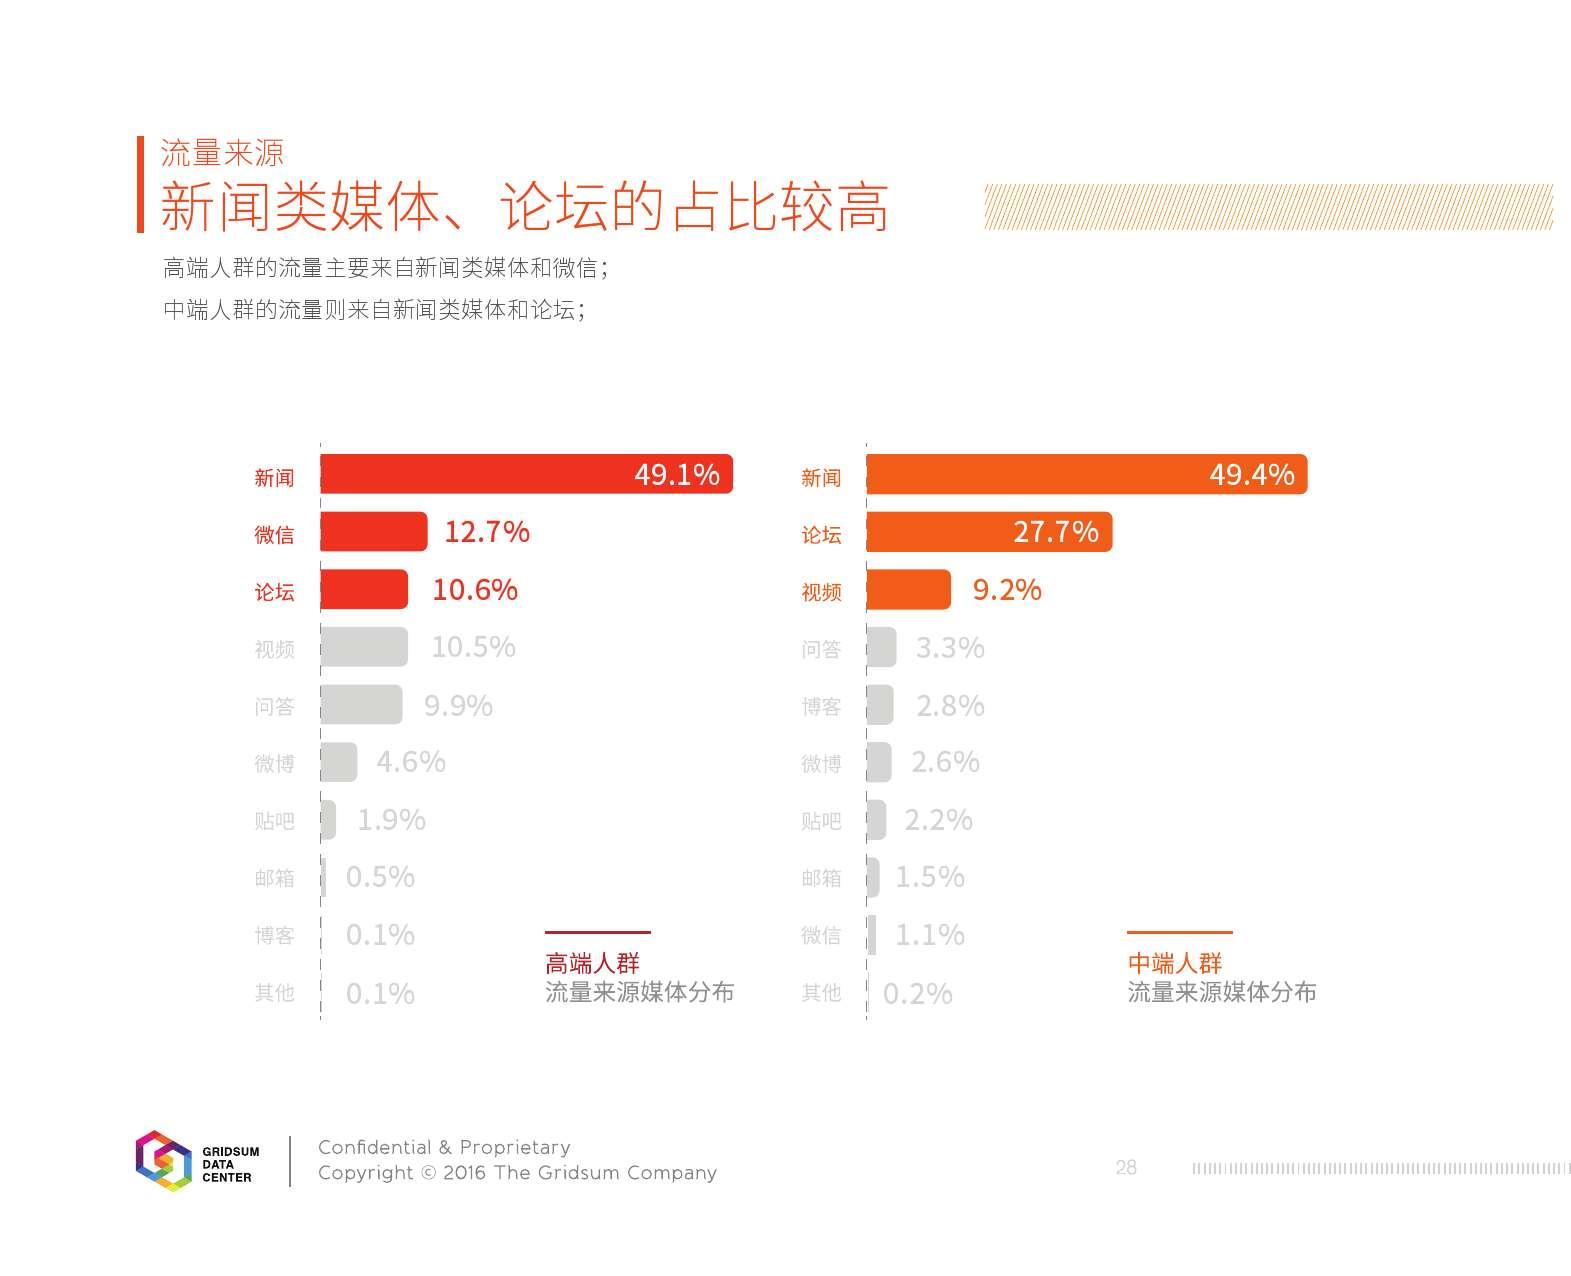 2015中国互联网发展报告_000030